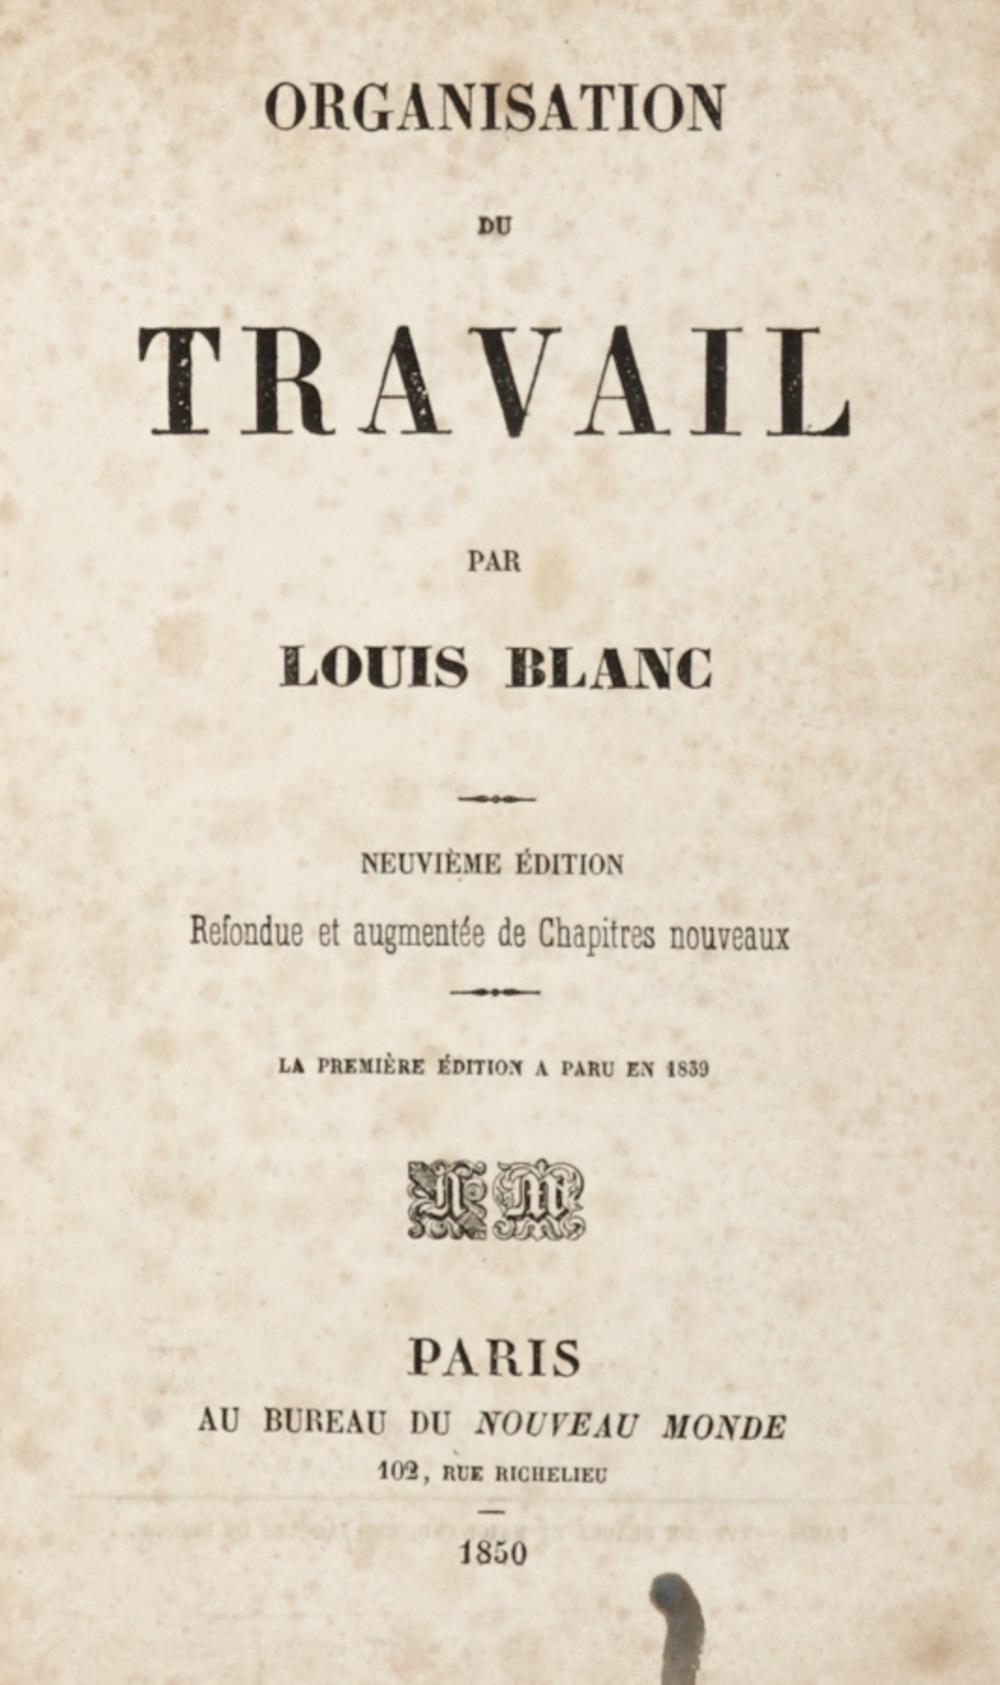 Blanc Louis, Organisation du travail [...] neuvième édition... Paris: au bureau du Nouveau Monde, 1850.